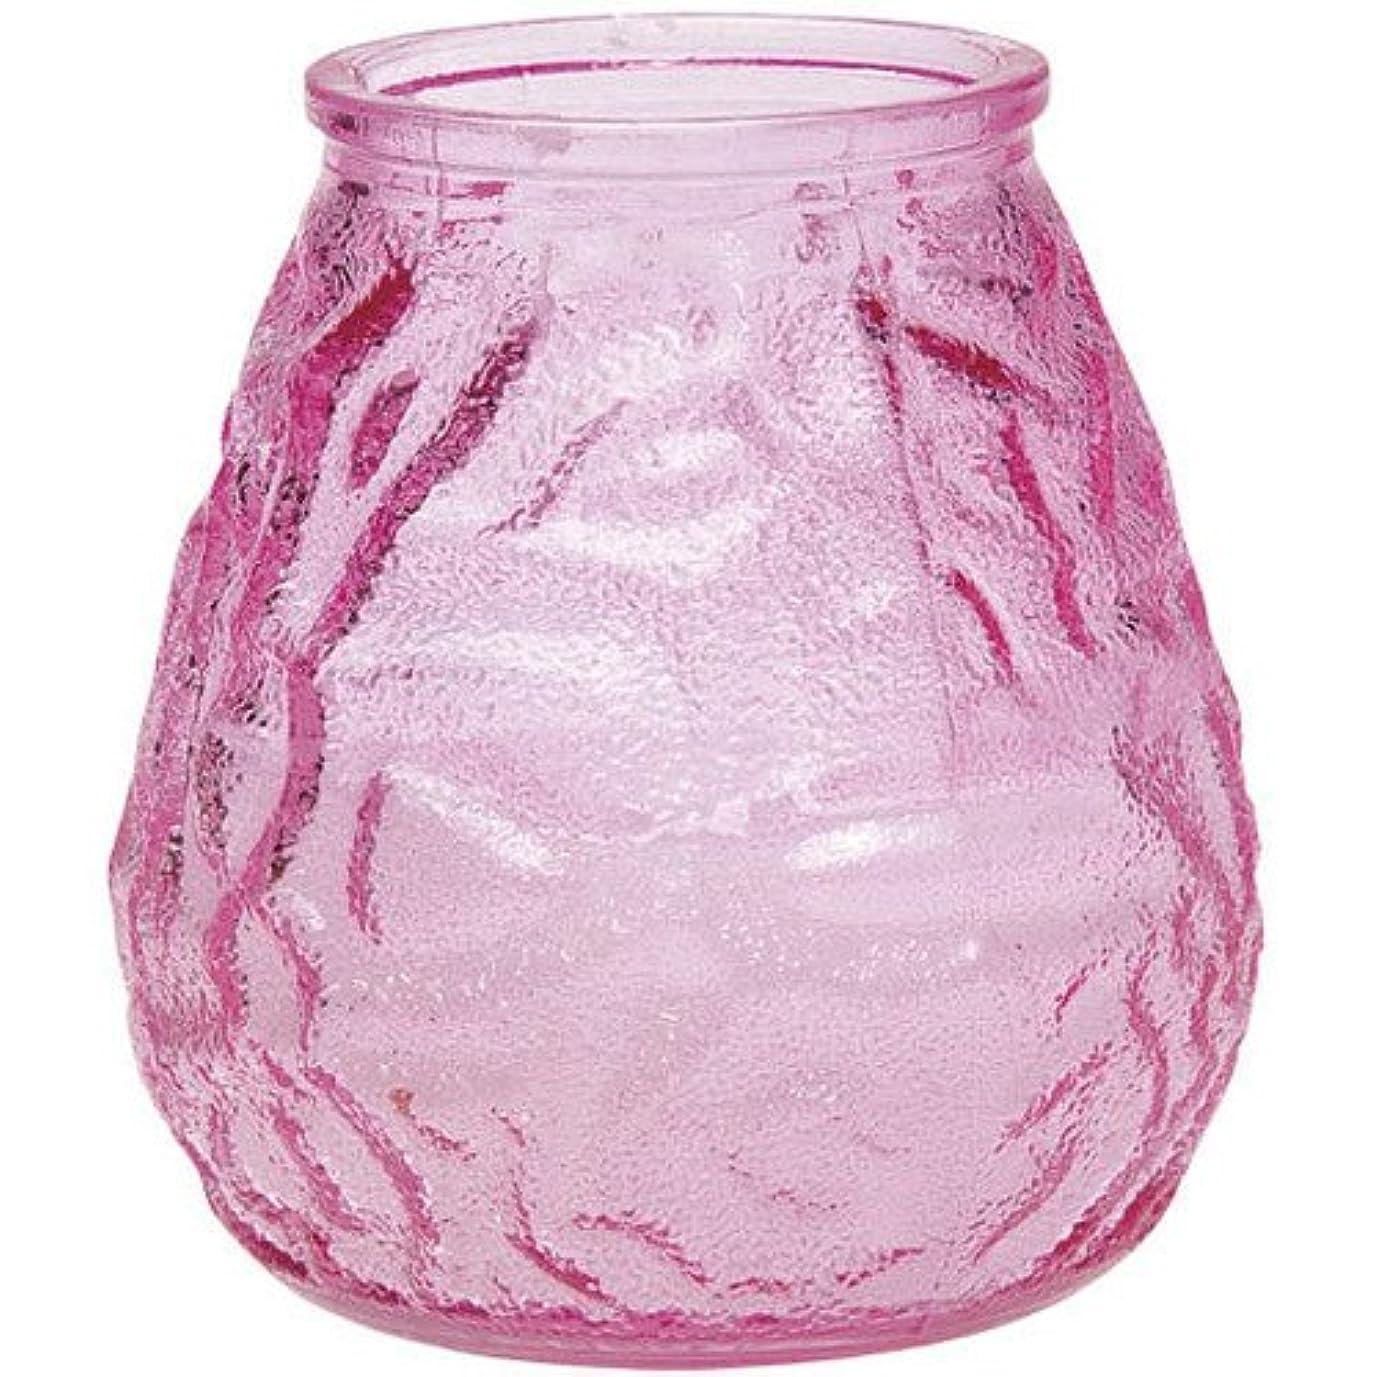 苗私たちのもの石のネオベネチアン(ライトカラー) 「 ピンク 」 73010010P